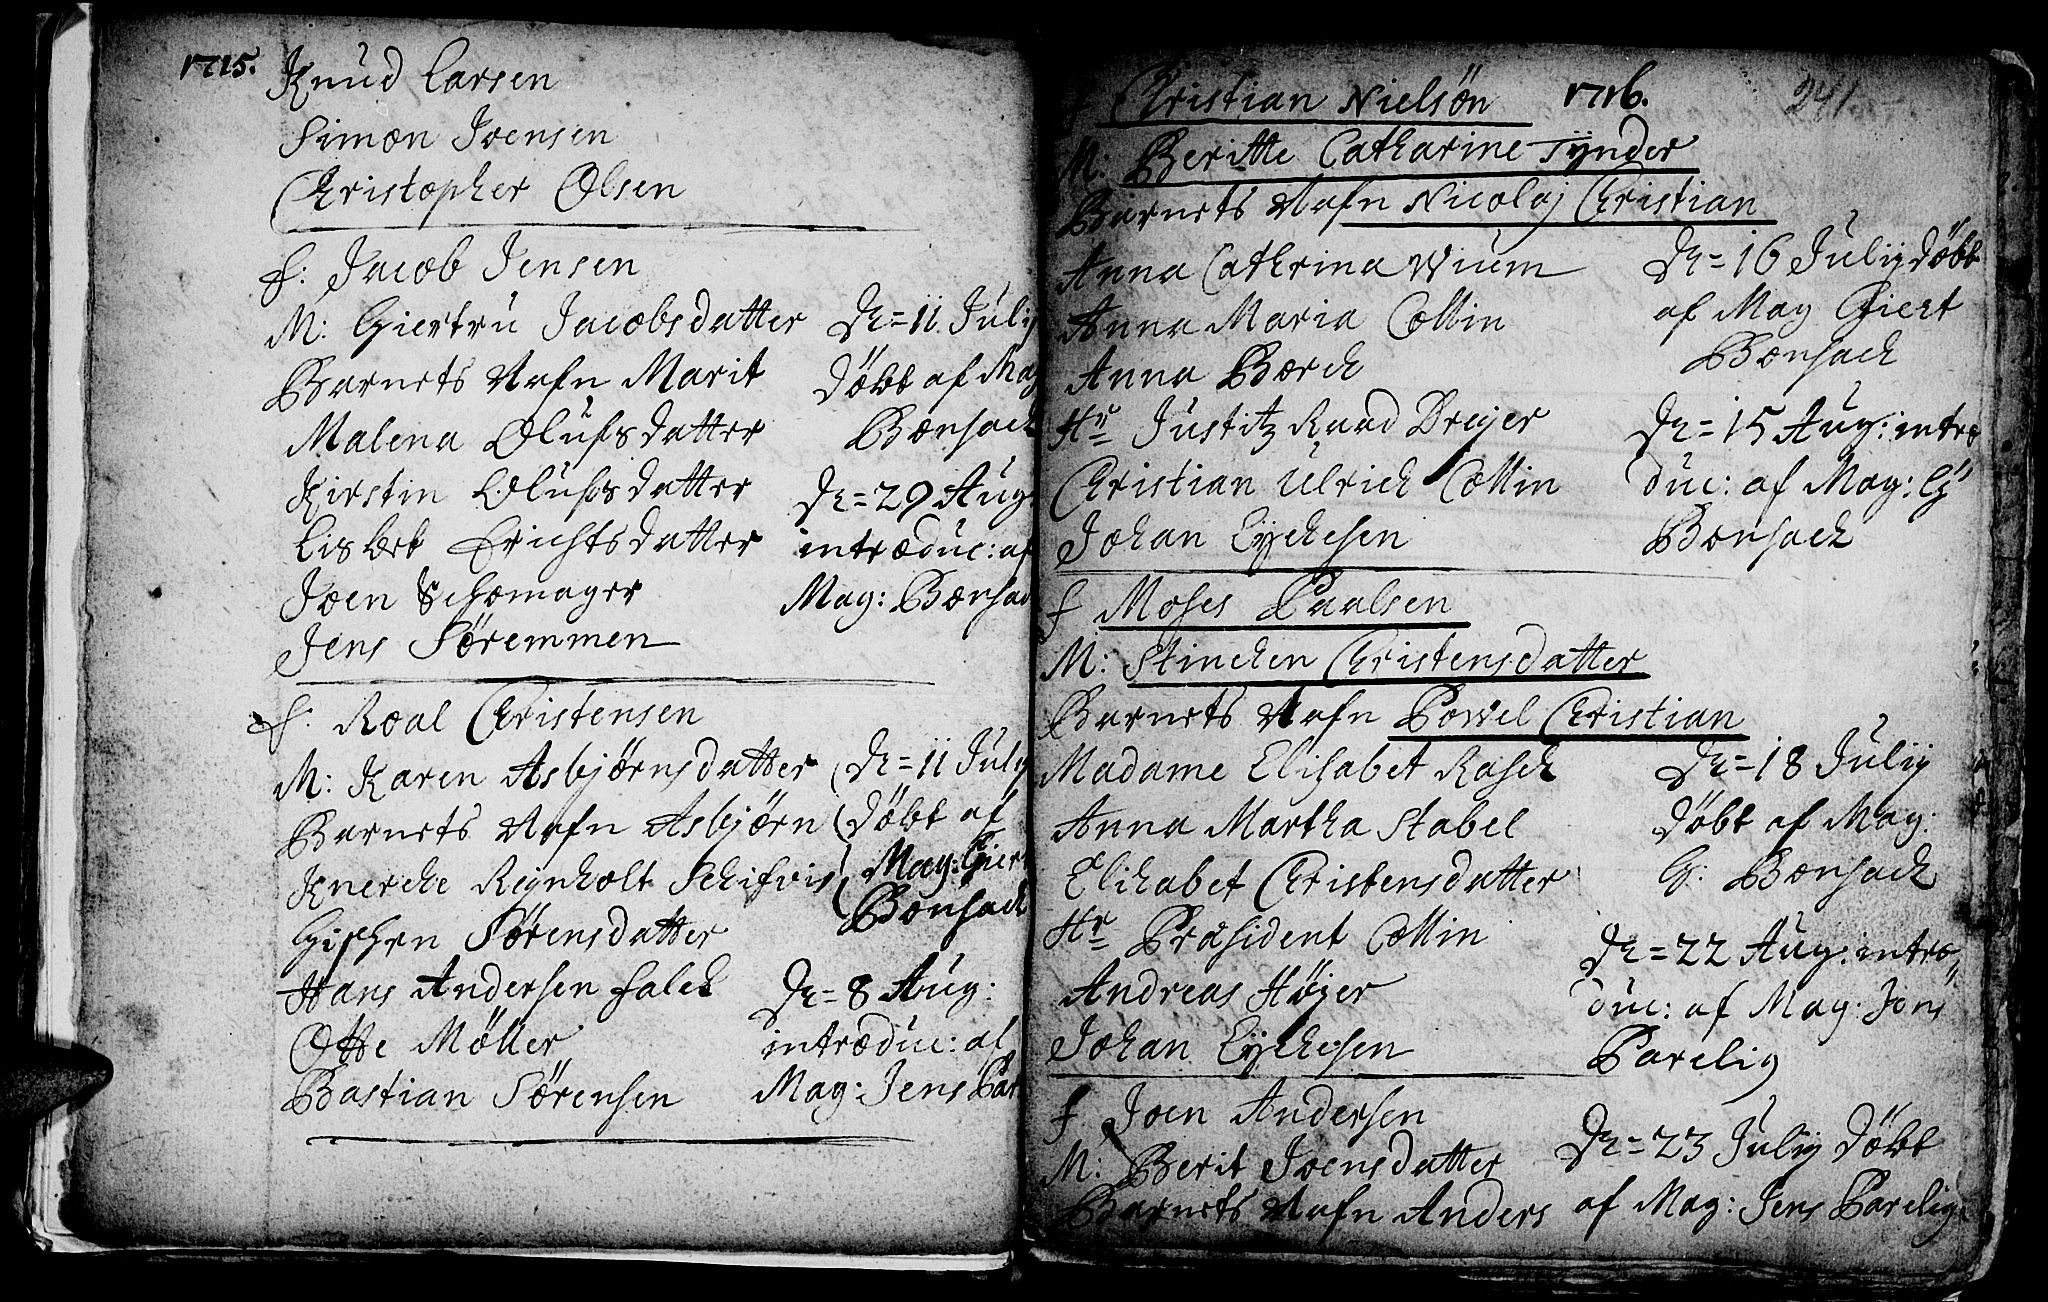 SAT, Ministerialprotokoller, klokkerbøker og fødselsregistre - Sør-Trøndelag, 601/L0035: Ministerialbok nr. 601A03, 1713-1728, s. 241